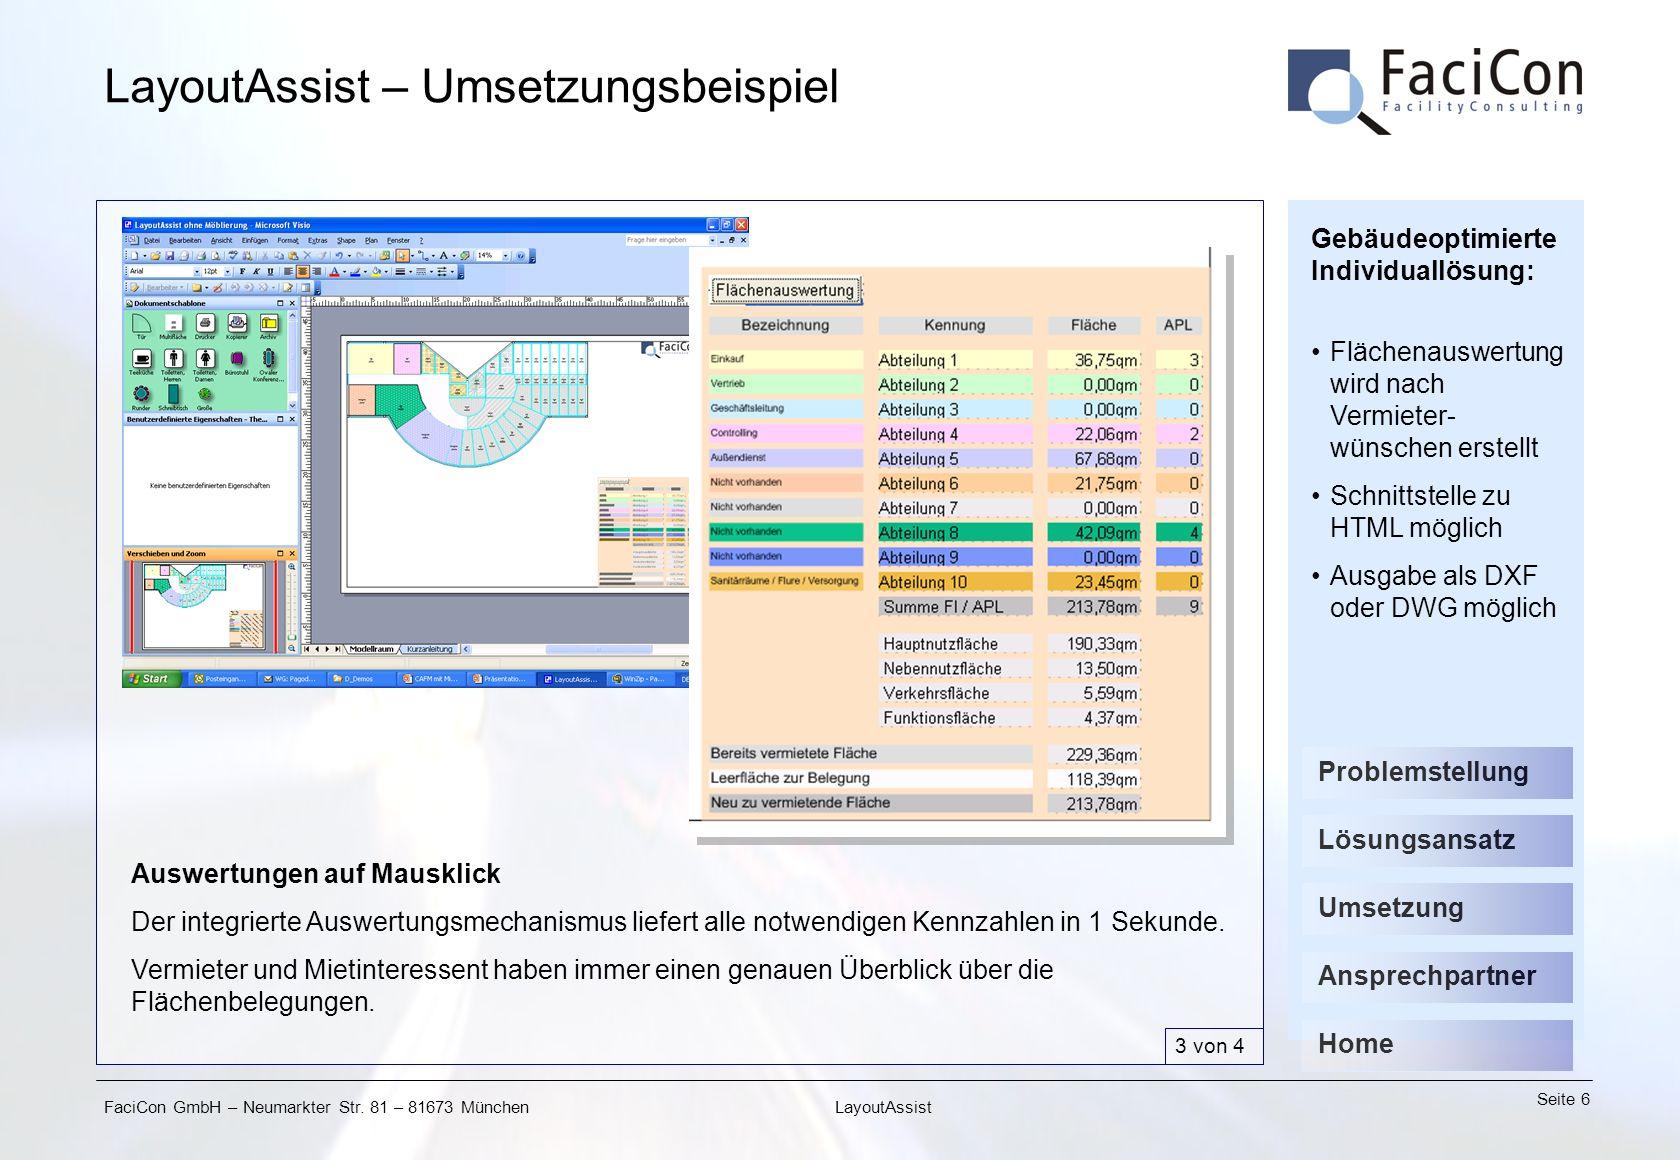 FaciCon GmbH – Neumarkter Str. 81 – 81673 München Seite 6 LayoutAssist LayoutAssist – Umsetzungsbeispiel Auswertungen auf Mausklick Der integrierte Au